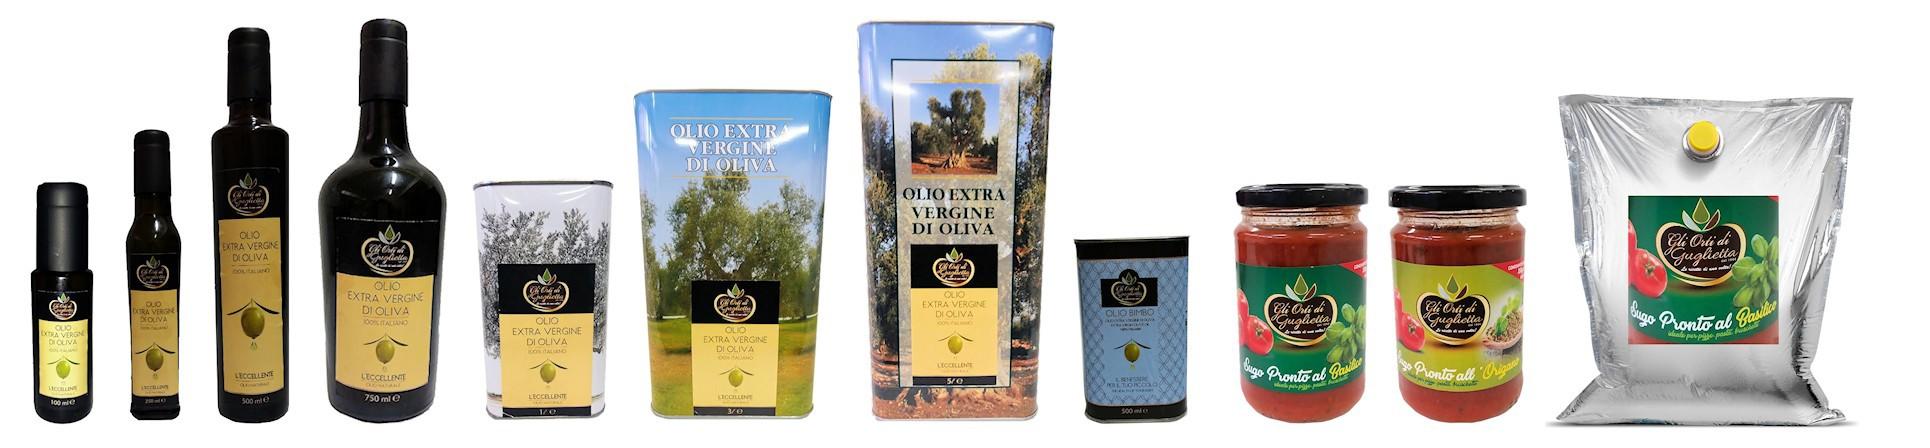 B2B GUSTOX - il Marketplace all'ingrosso delle eccellenze agroalimetari italiane - Gli Orti di Guglietta